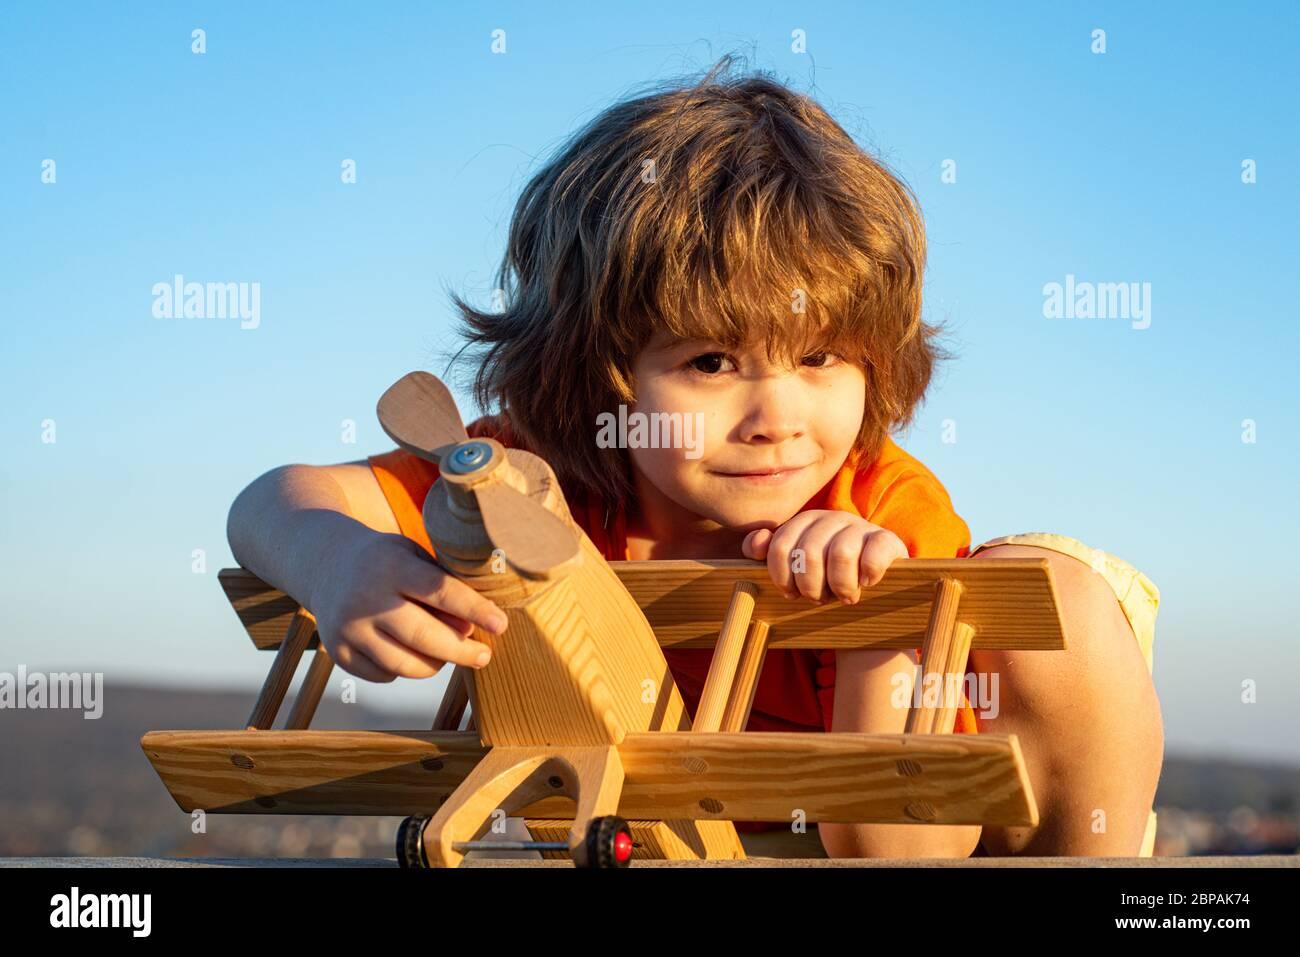 Un enfant heureux rêve de voyager et de jouer avec un avion jouet. Petit pilote aviateur en extérieur sur fond bleu ciel d'été. Rêves d'enfant Banque D'Images